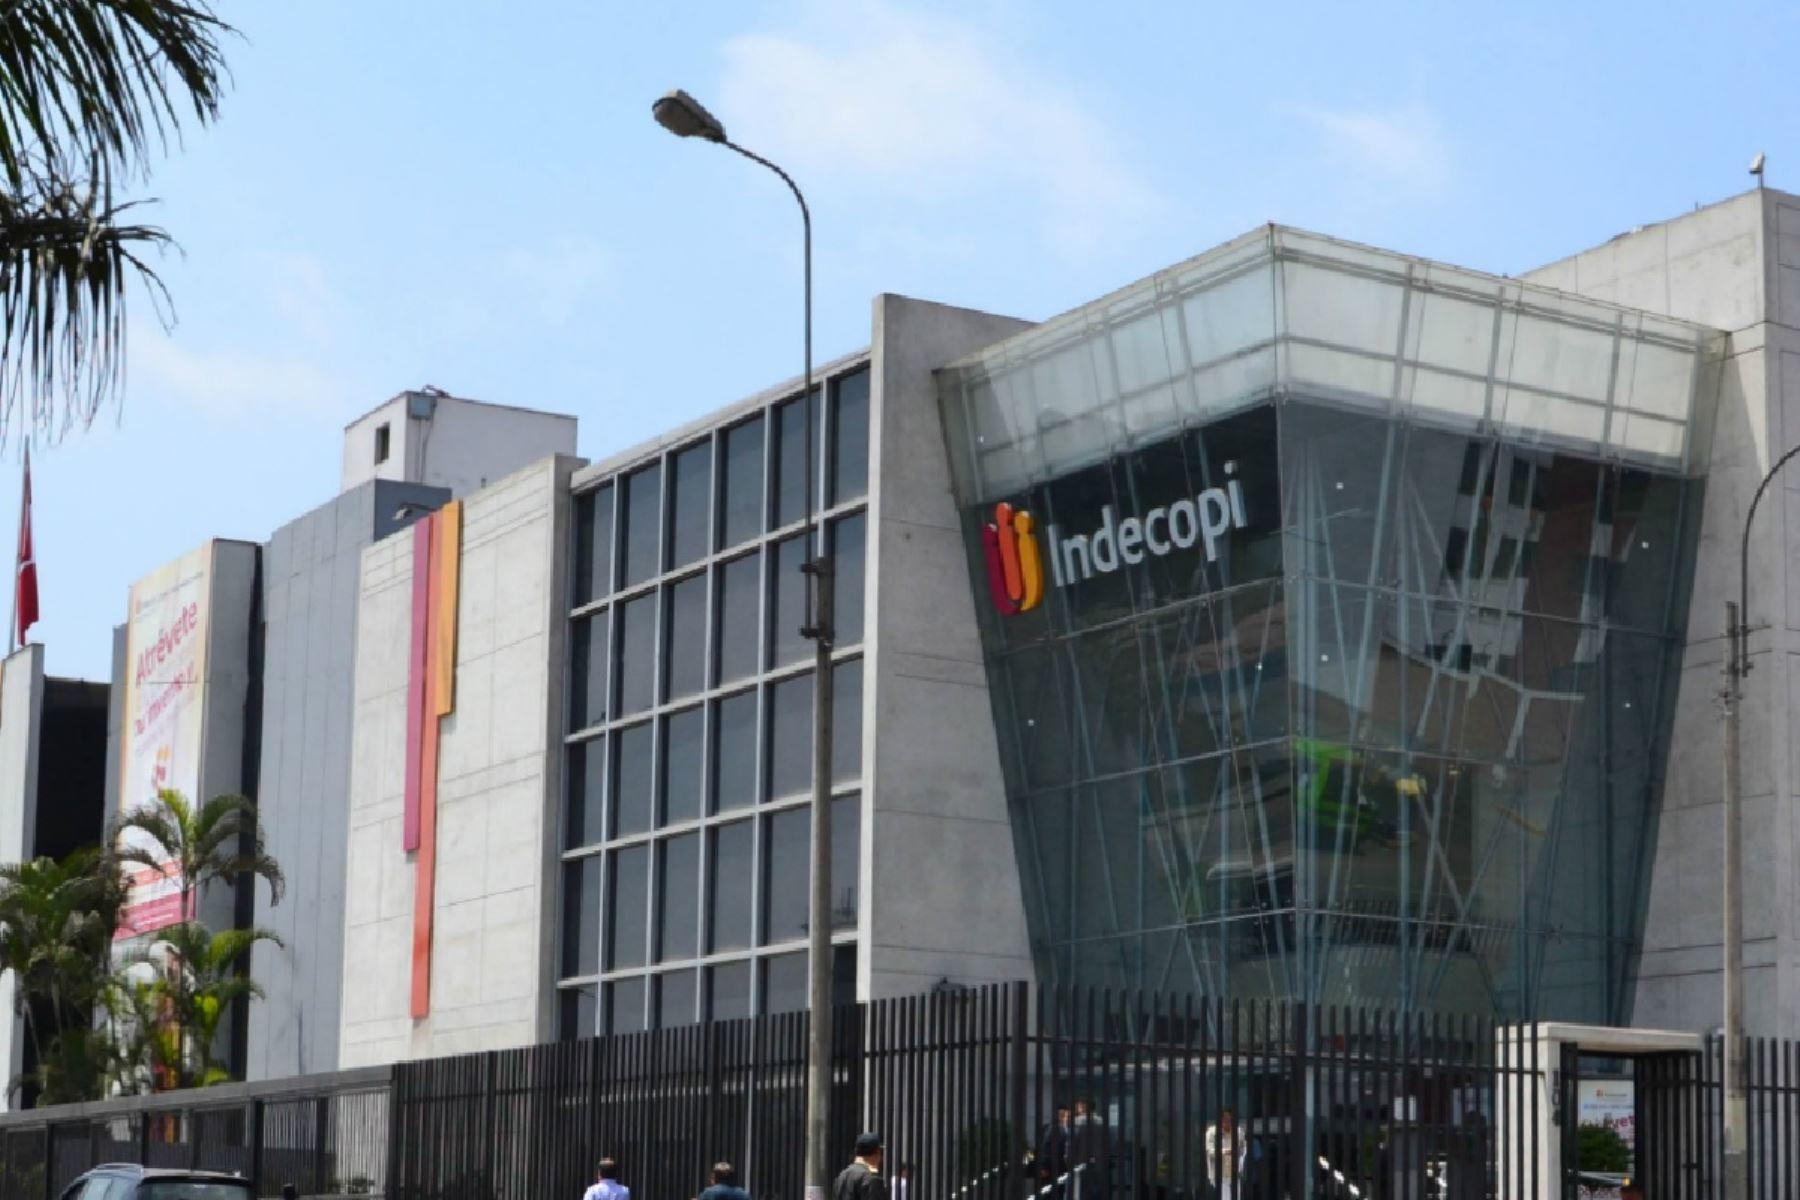 Indecopi multa a Banco Falabella y Scotiabank por emplear métodos abusivos de cobranza